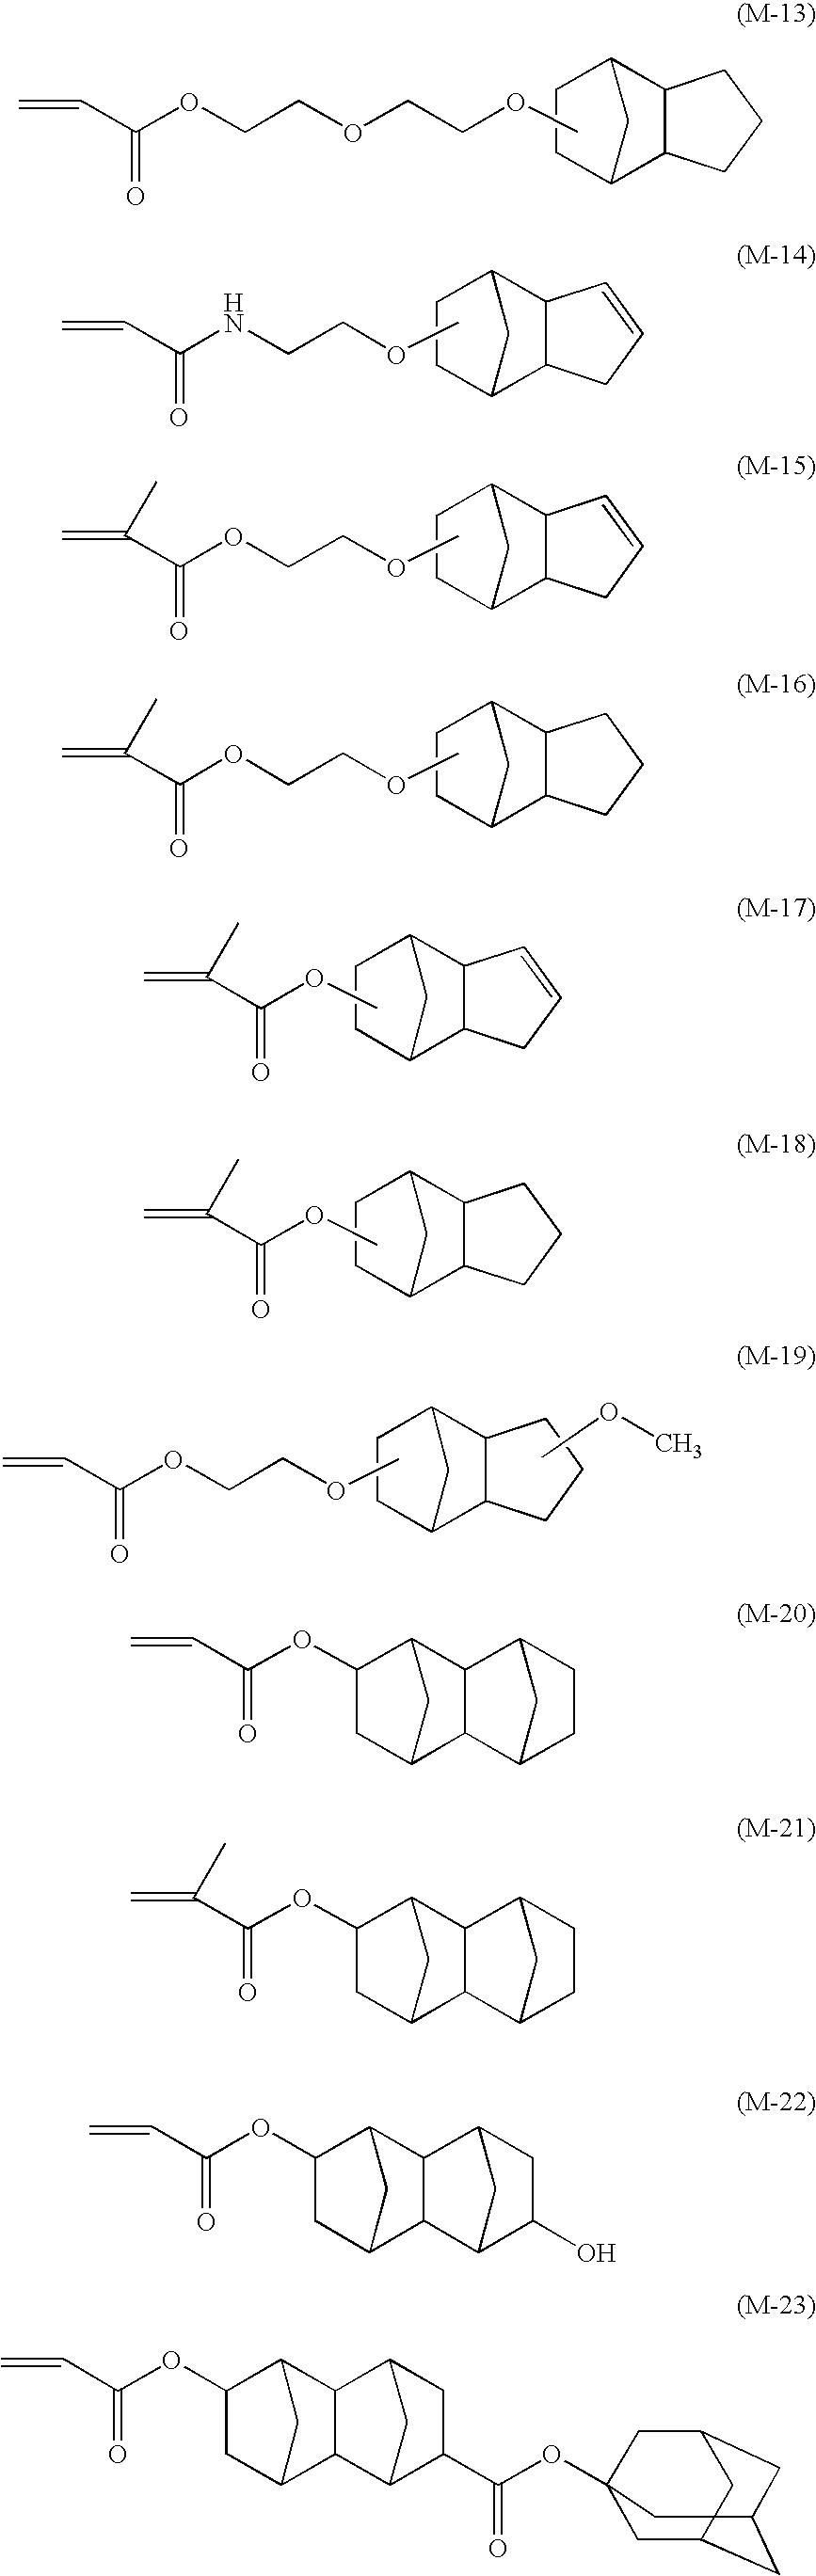 Figure US20090244116A1-20091001-C00010